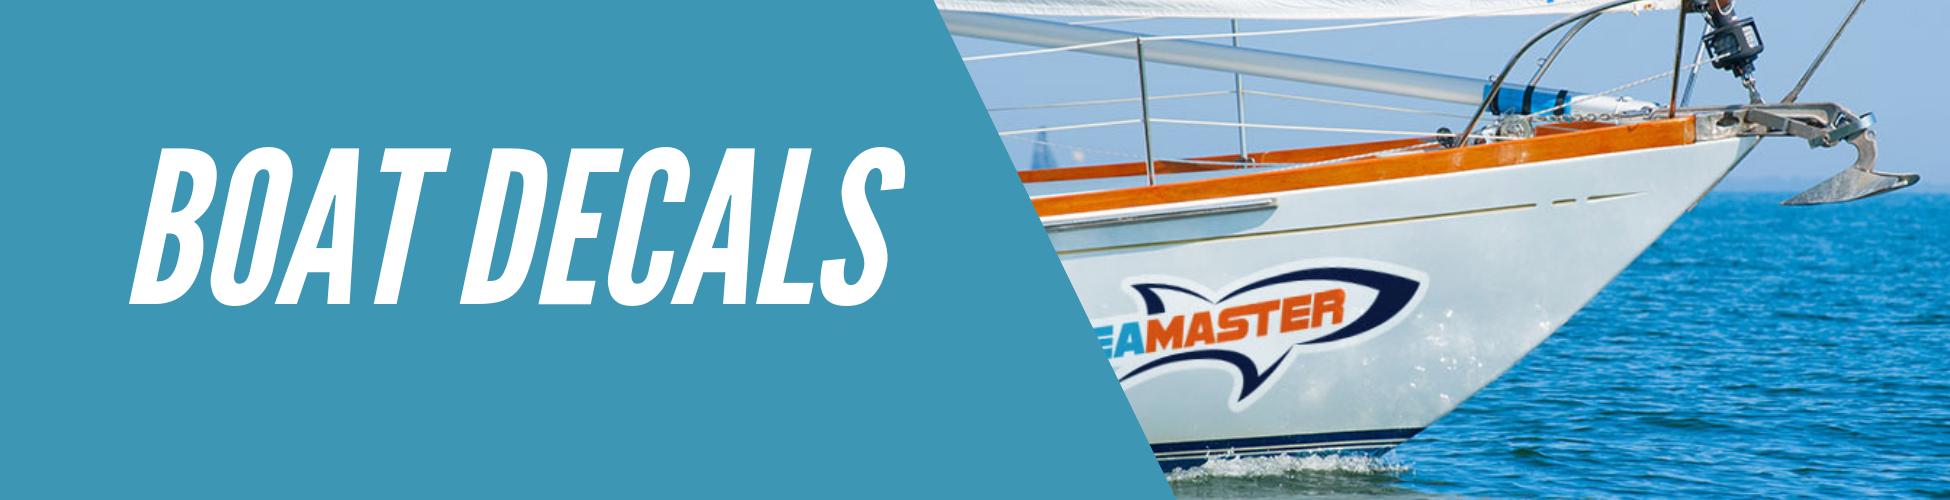 boat-decals-banner-v2.png